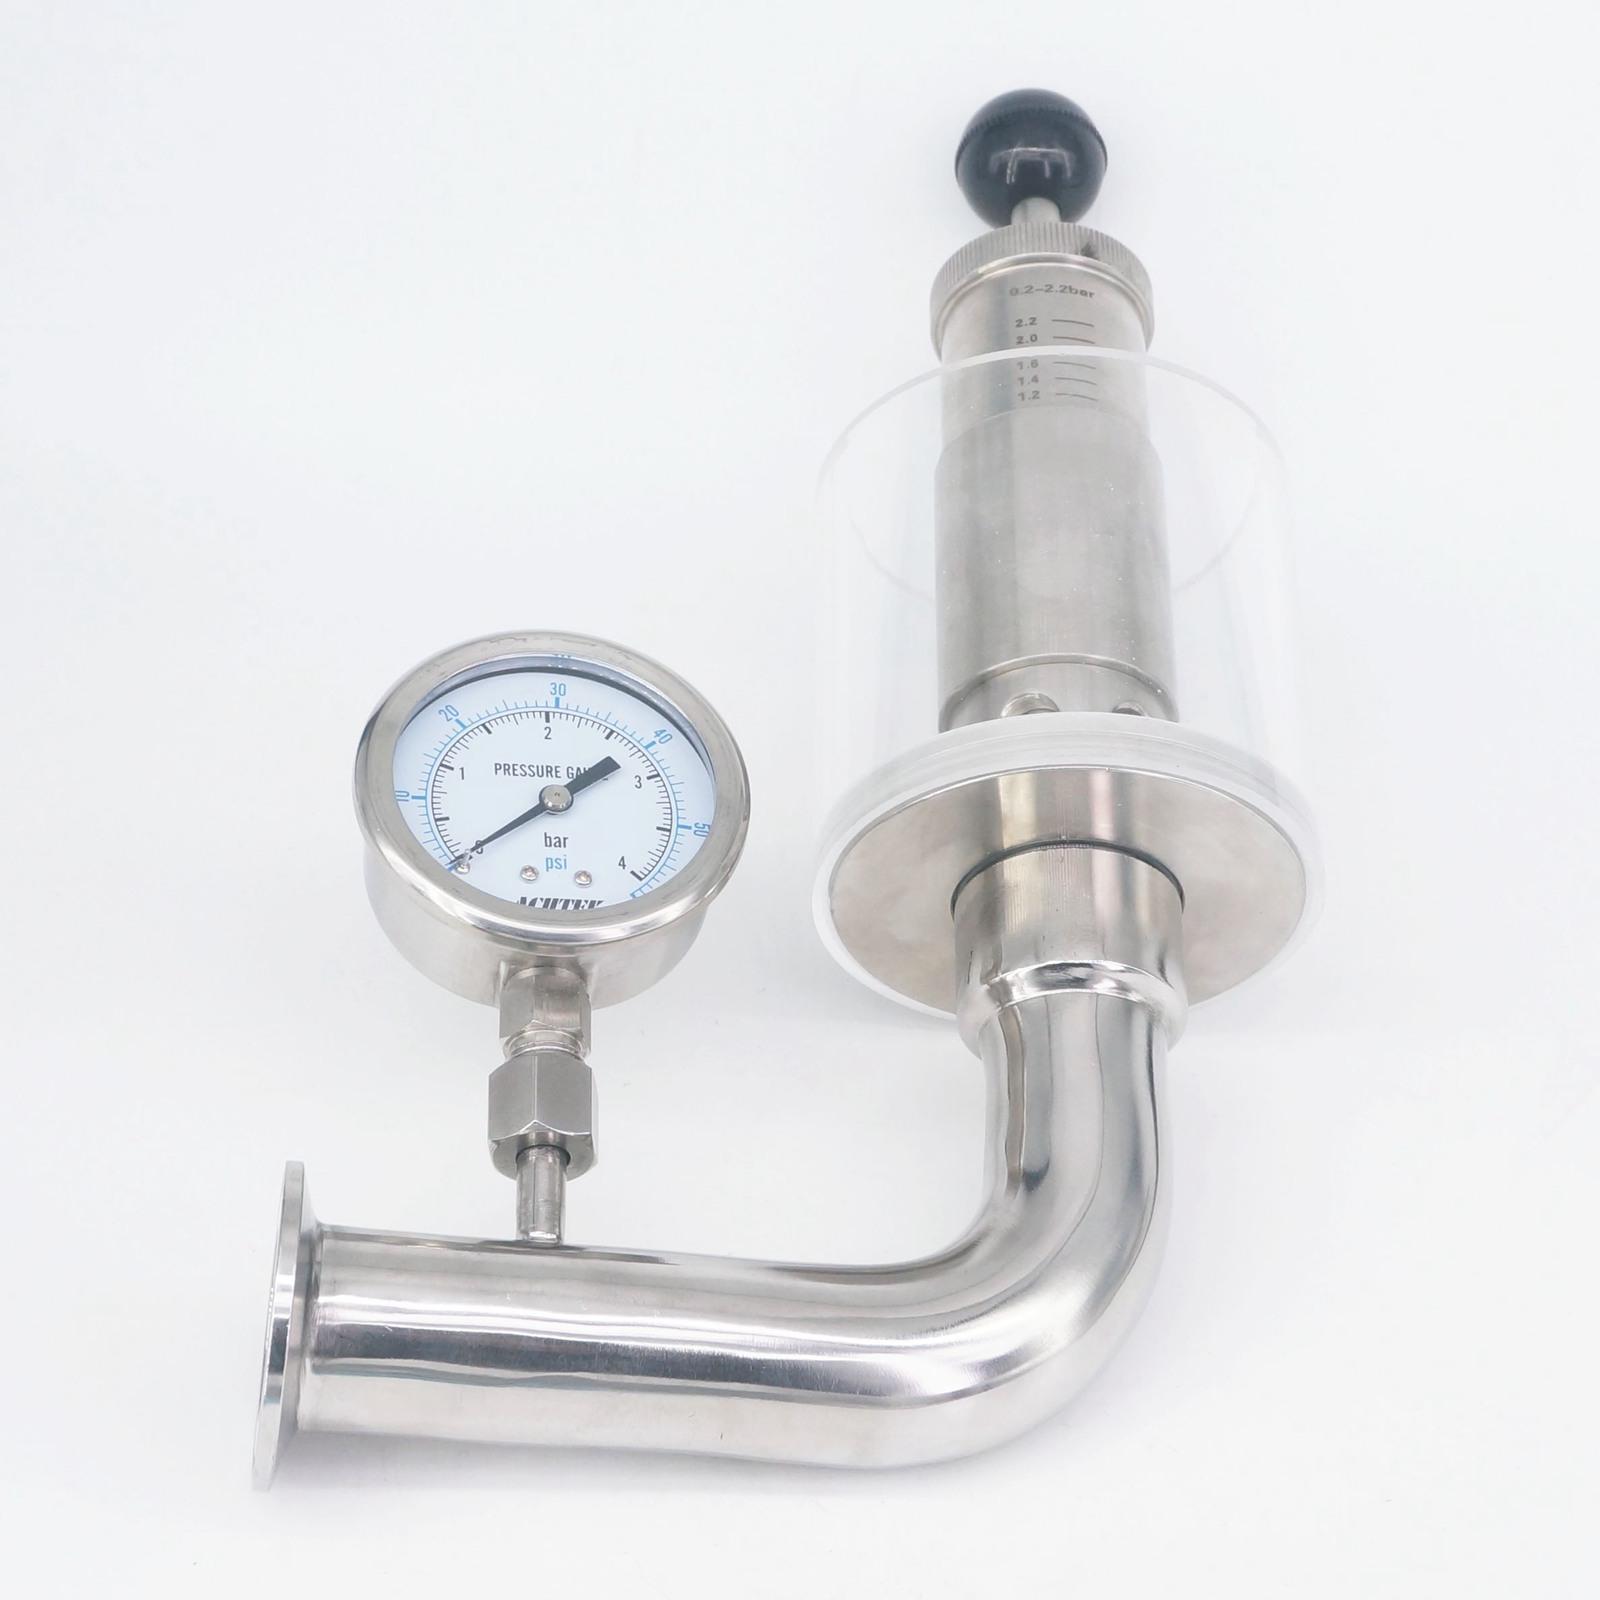 صمام أمان مع مشبك ثلاثي 1.5 بوصة 0.2-2.2 بار ، صمام أمان لتخفيف الضغط الصحي SUS304 مع مقياس ضغط